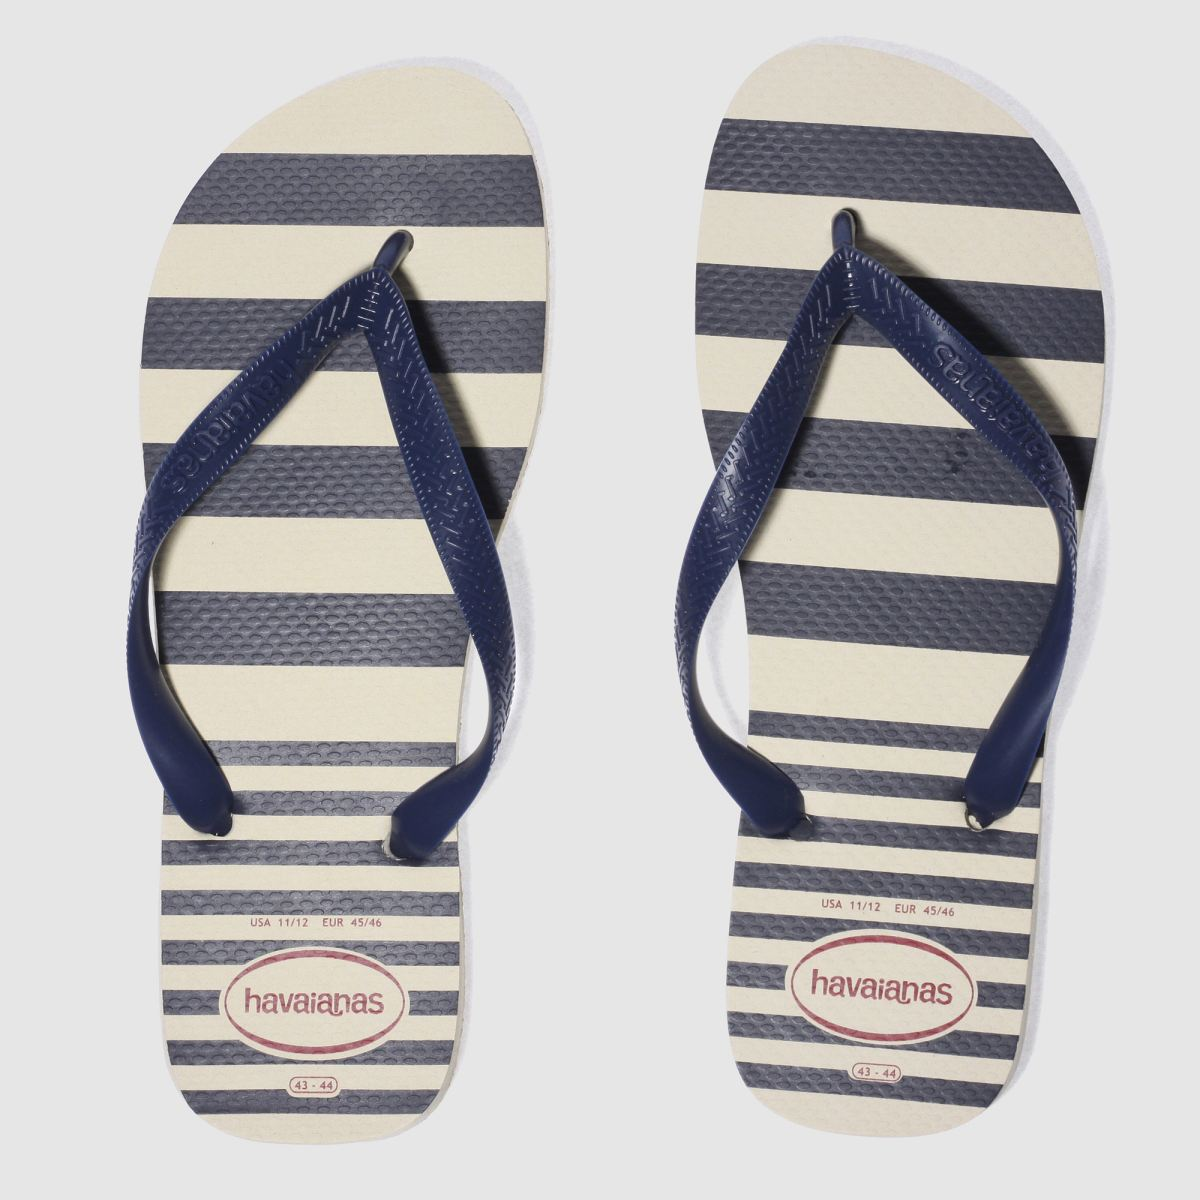 Havaianas Havaianas Beige & Navy Top Retro Sandals